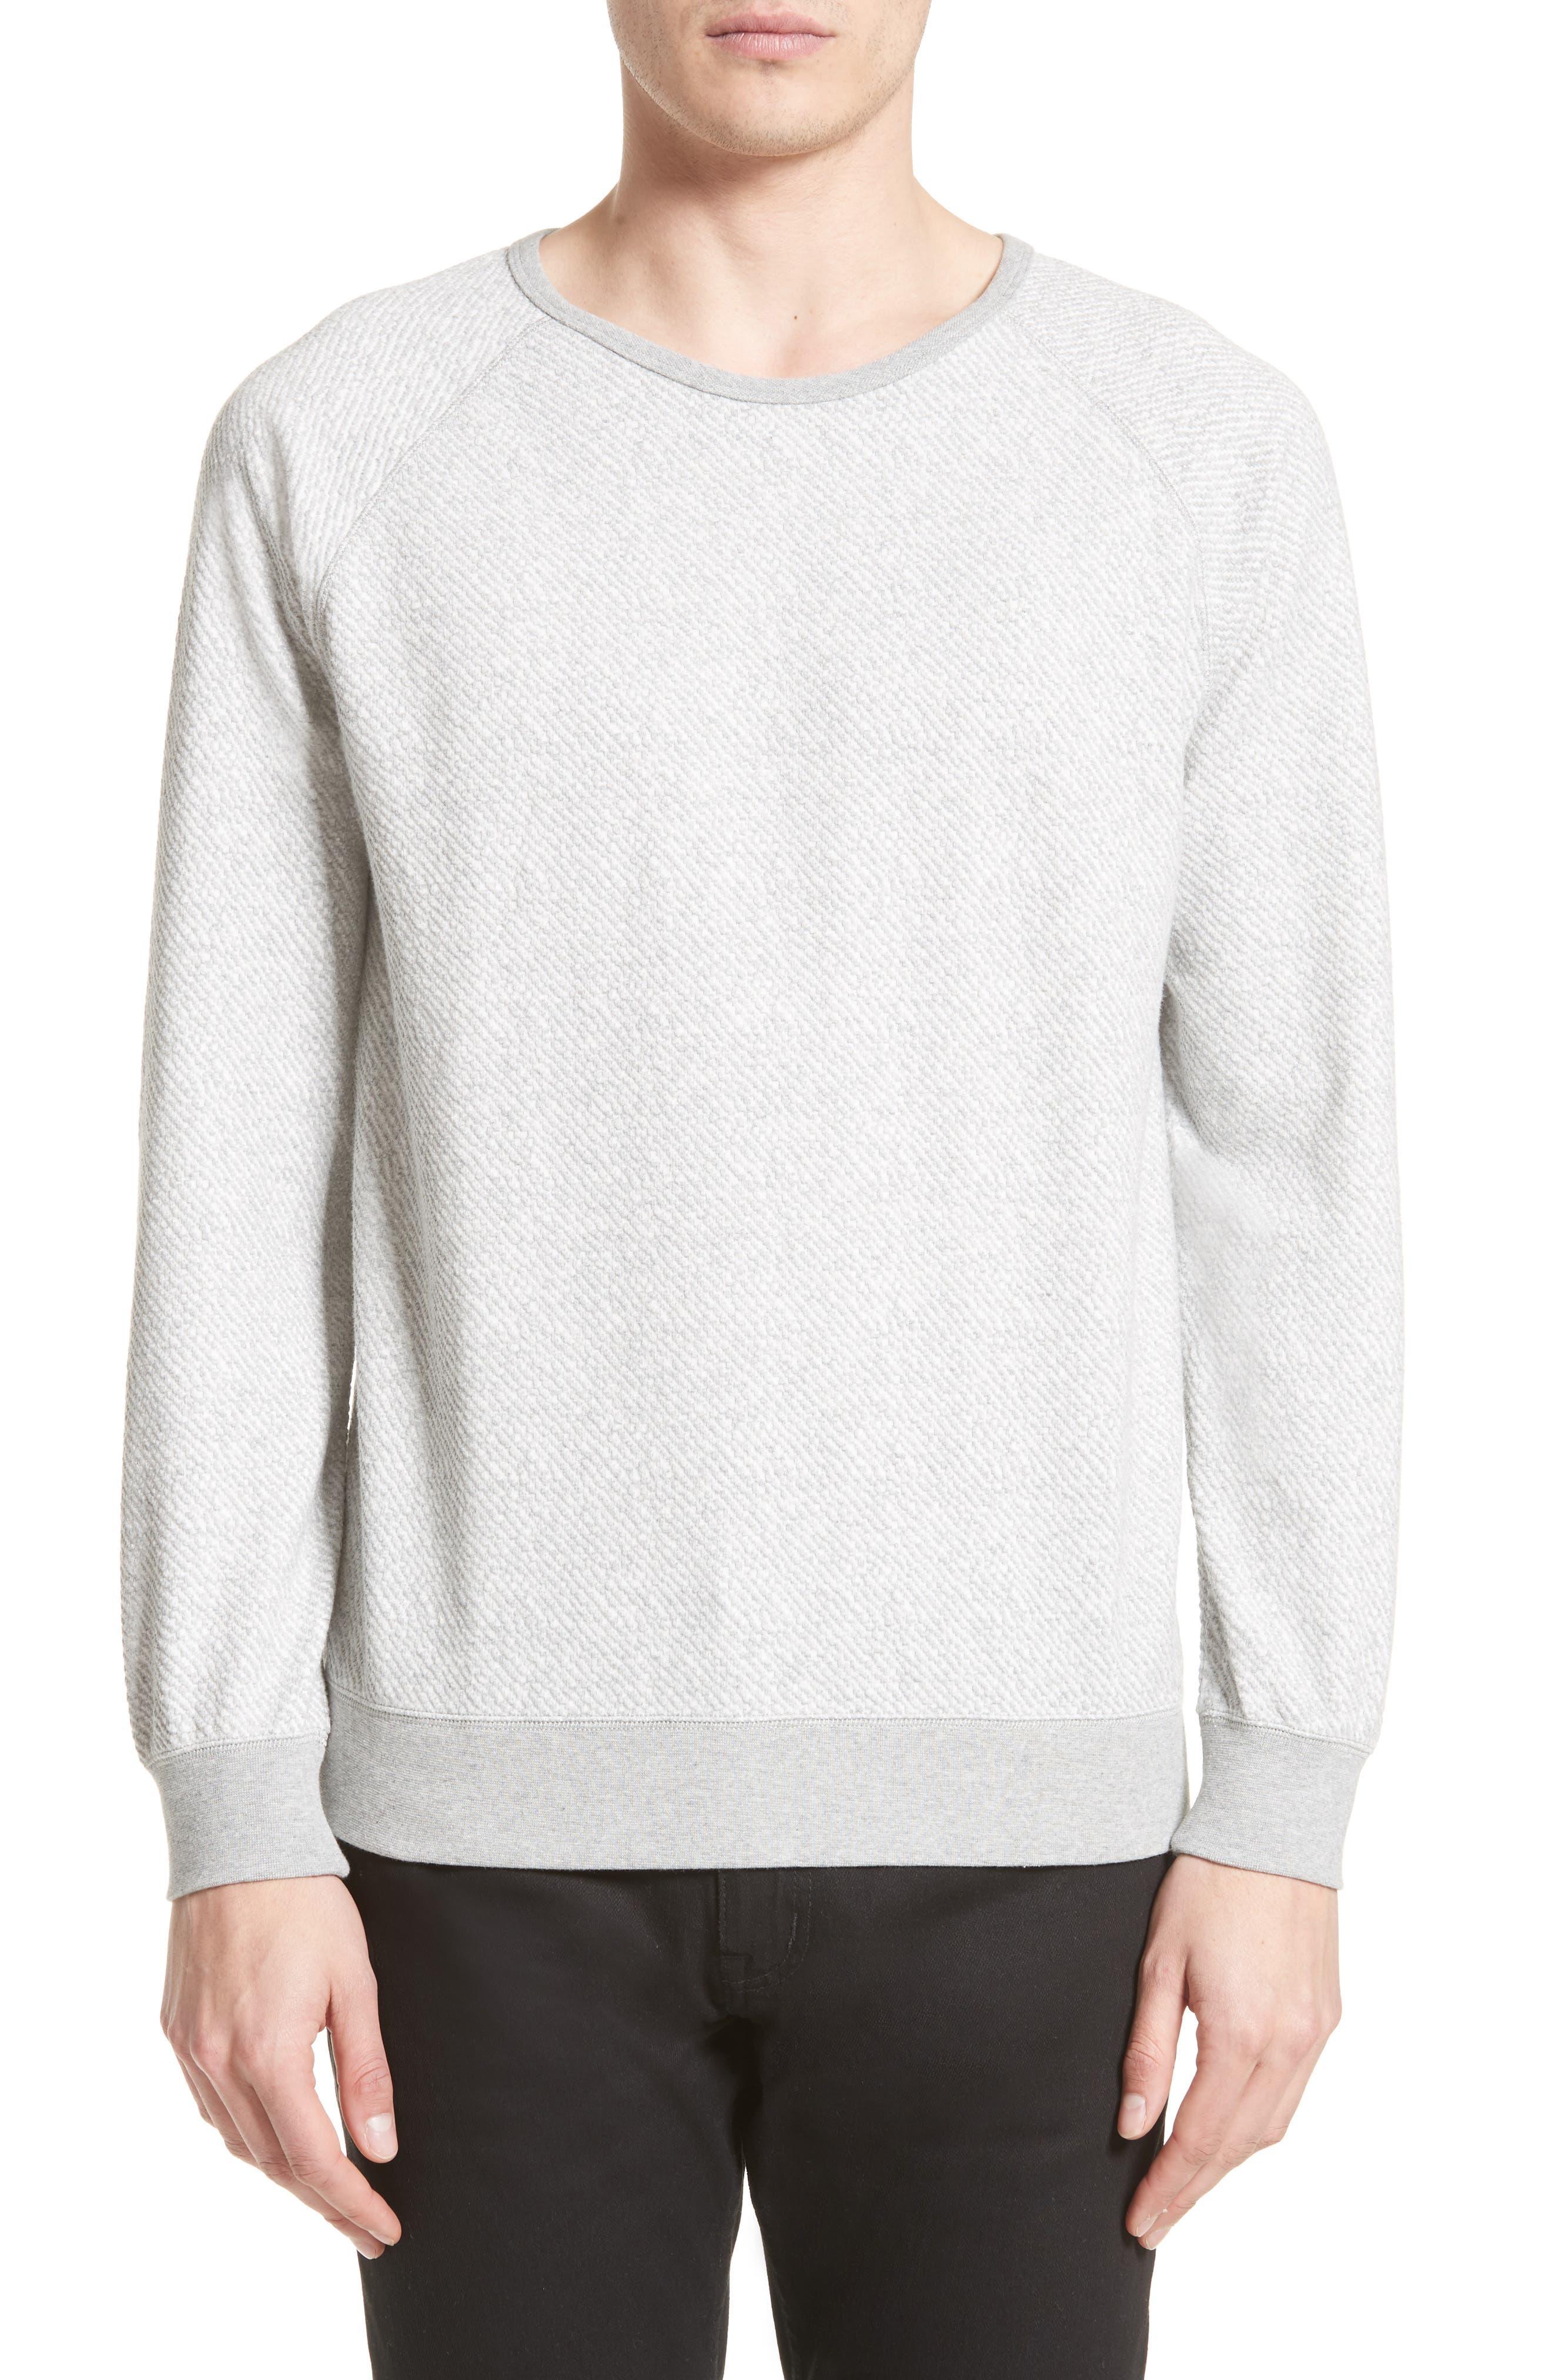 Kasu Sweater,                         Main,                         color,